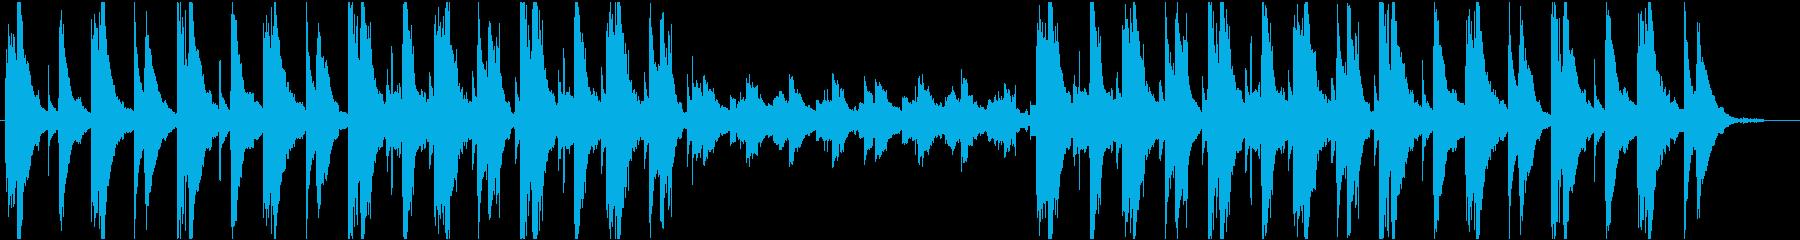 優しい癒し系ピアノChill・Lofi の再生済みの波形